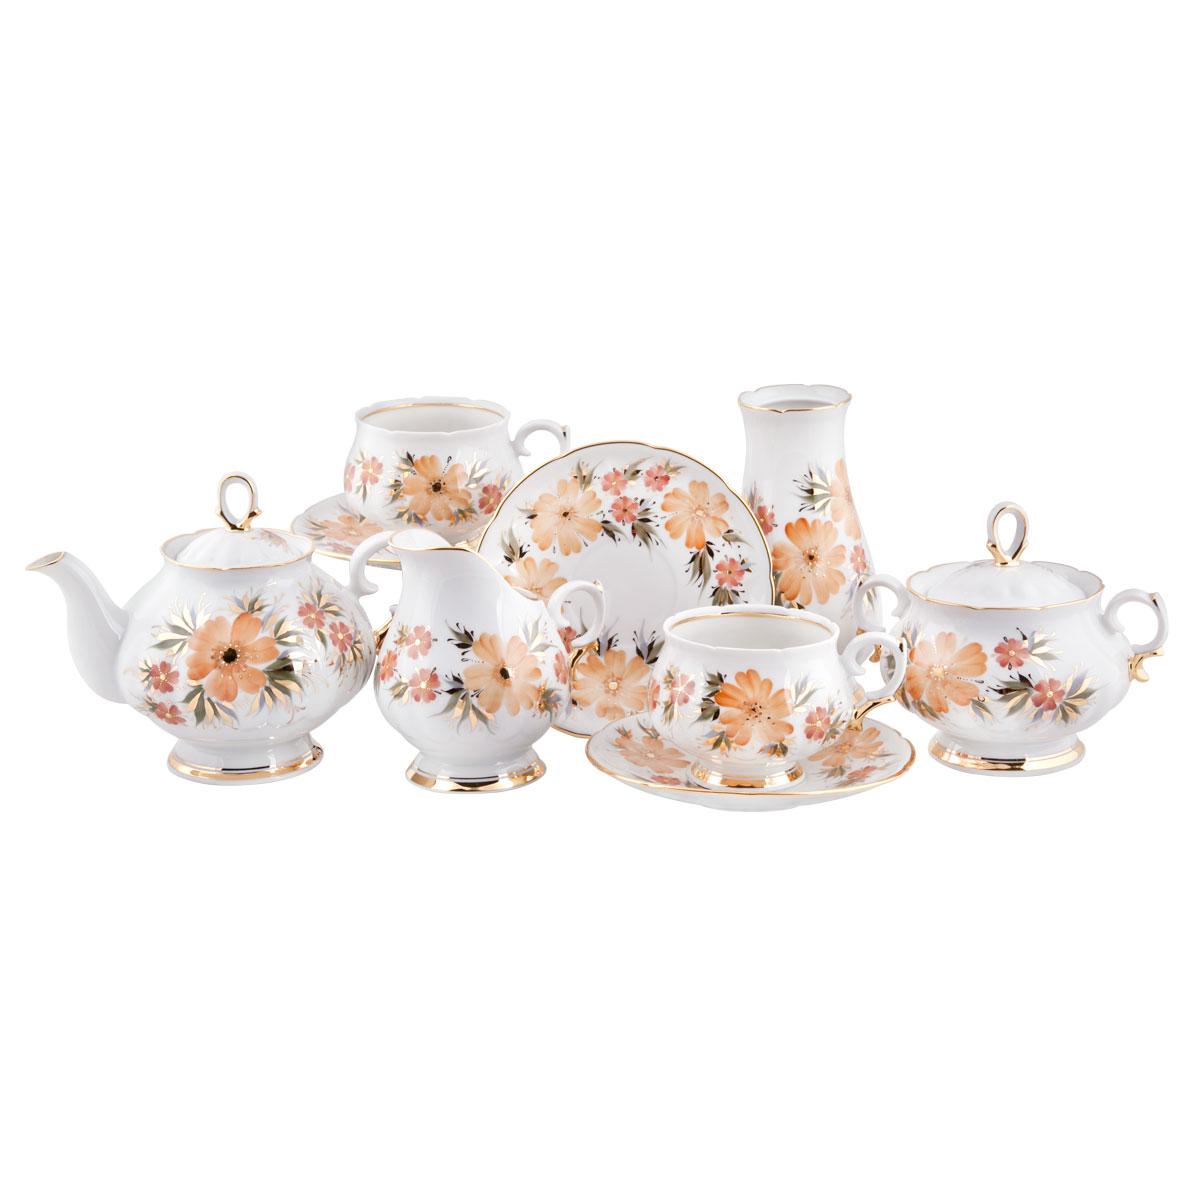 Сервиз чайный Башфарфор Рассвет, 16 предметовVT-1520(SR)Сервиз чайный из белого фарфора рассчитан на 6 персон. Тонкий белый фарфор.Изумительная посуда для настоящих ценителей с хорошим вкусом, подходит и для особых случаев и на каждый день.В состав набора входит: чашка 250мл 6 шт, блюдце 14,5см 6 шт, сахарница 300мл 1шт, чайник 600мл 1 шт, Молочник 250мл 1шт, ваза 1шт.